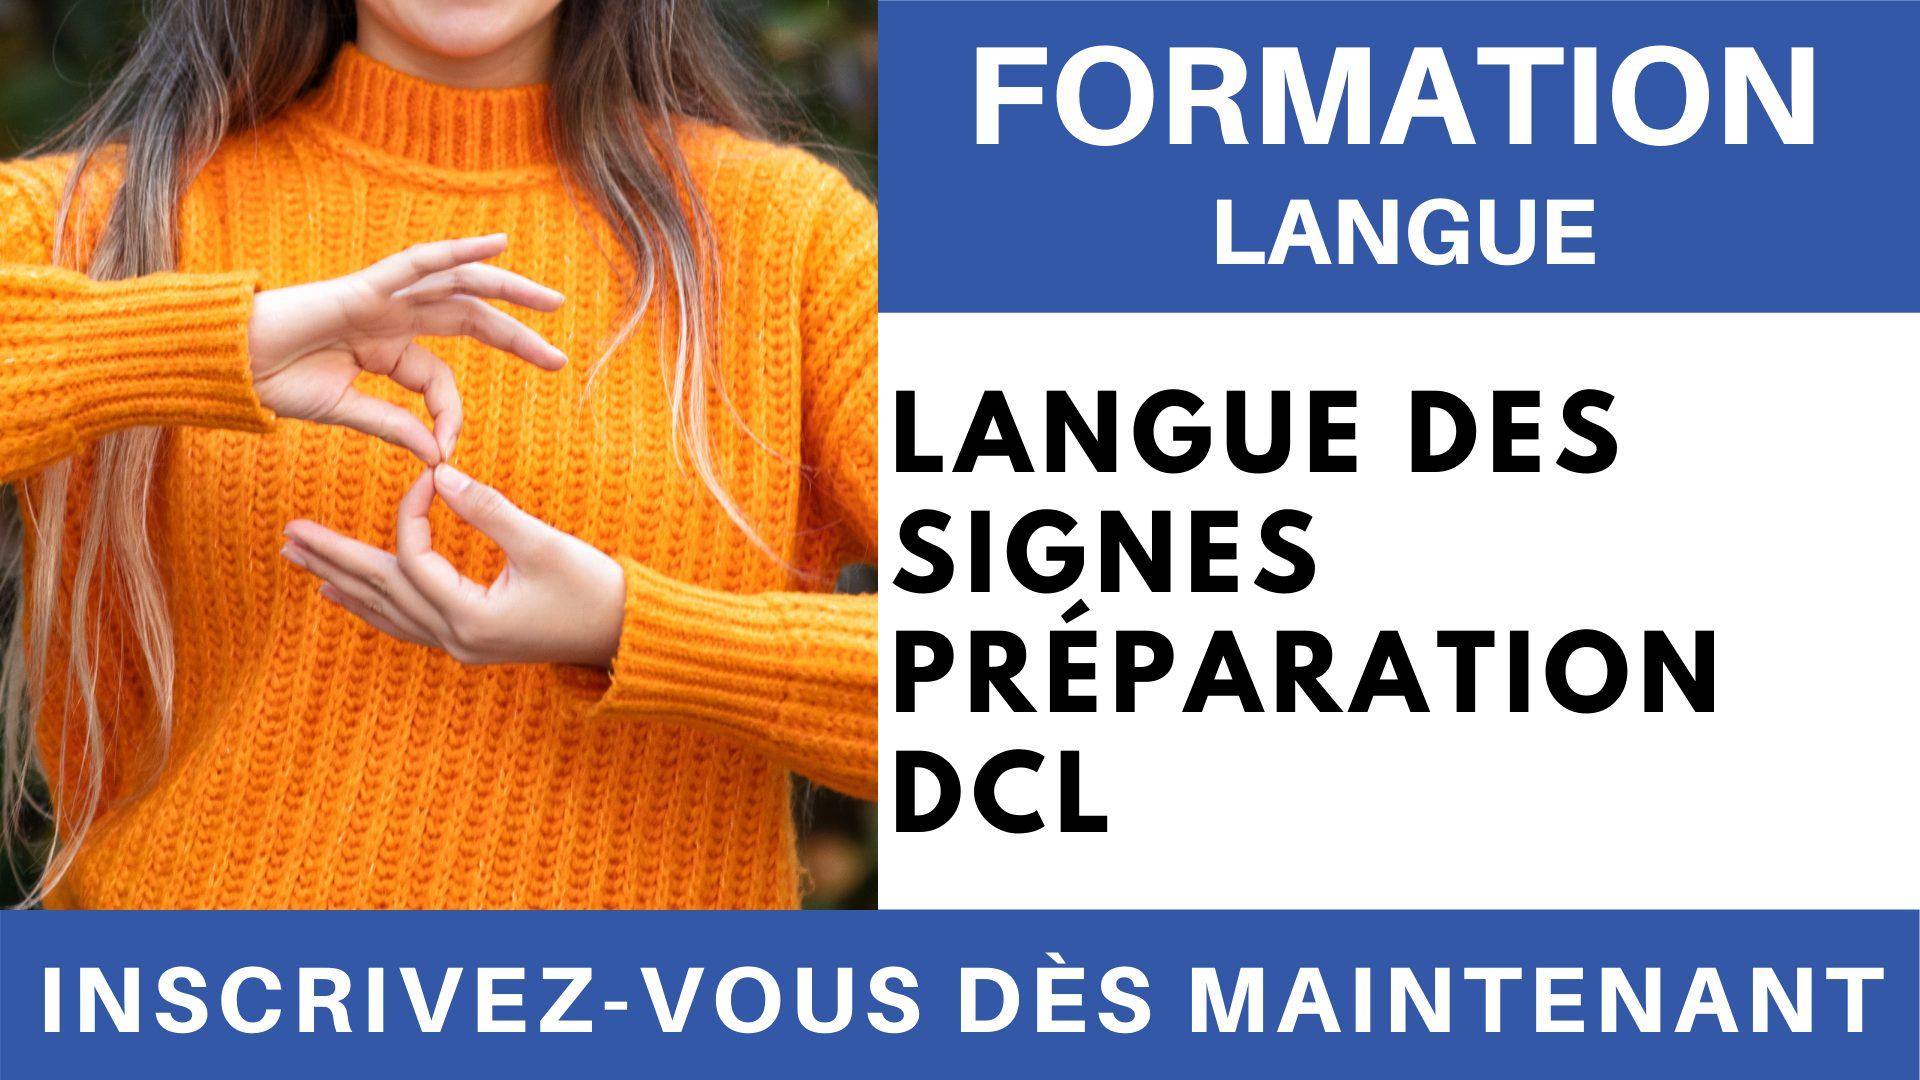 Formation Langue - LSF Préparation DCL